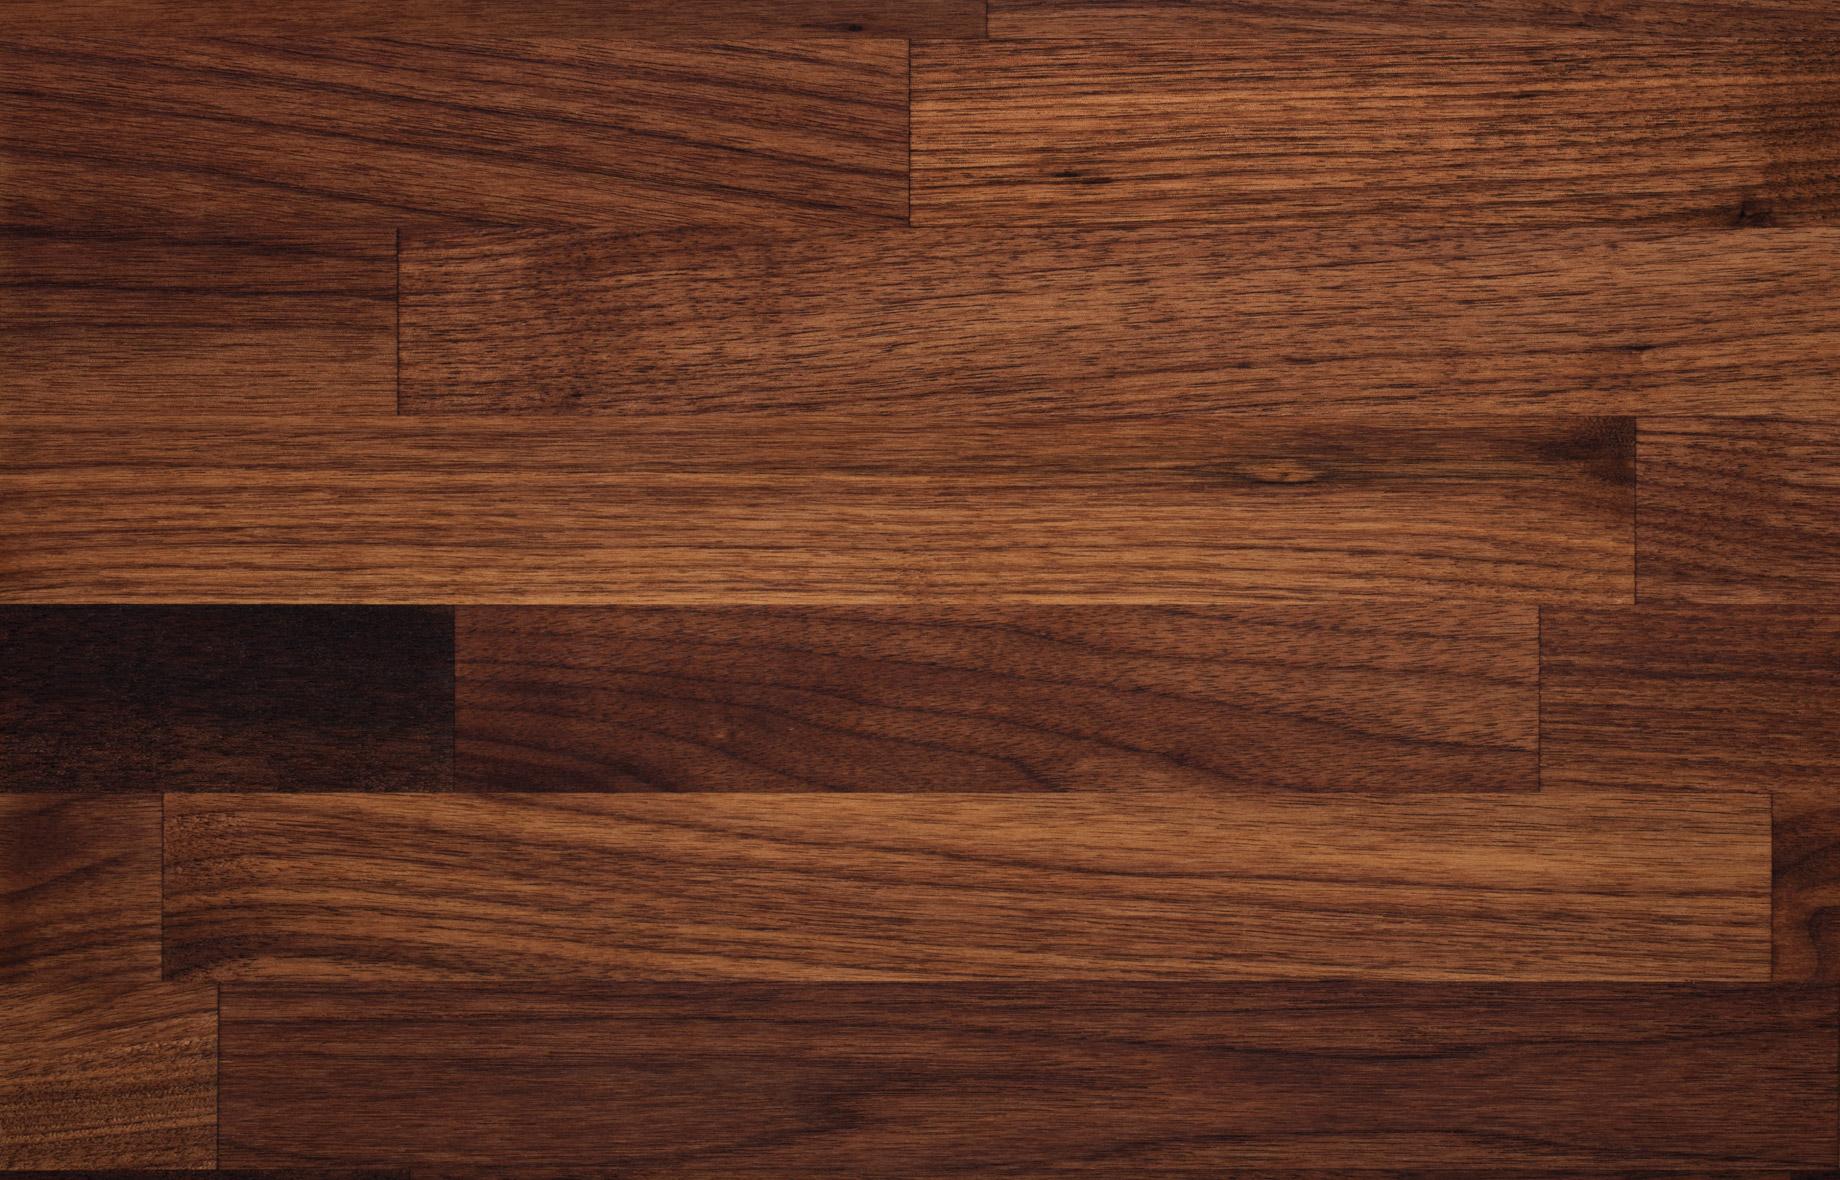 b33 bett nussbaum massiv minimalistisches schwebebett. Black Bedroom Furniture Sets. Home Design Ideas